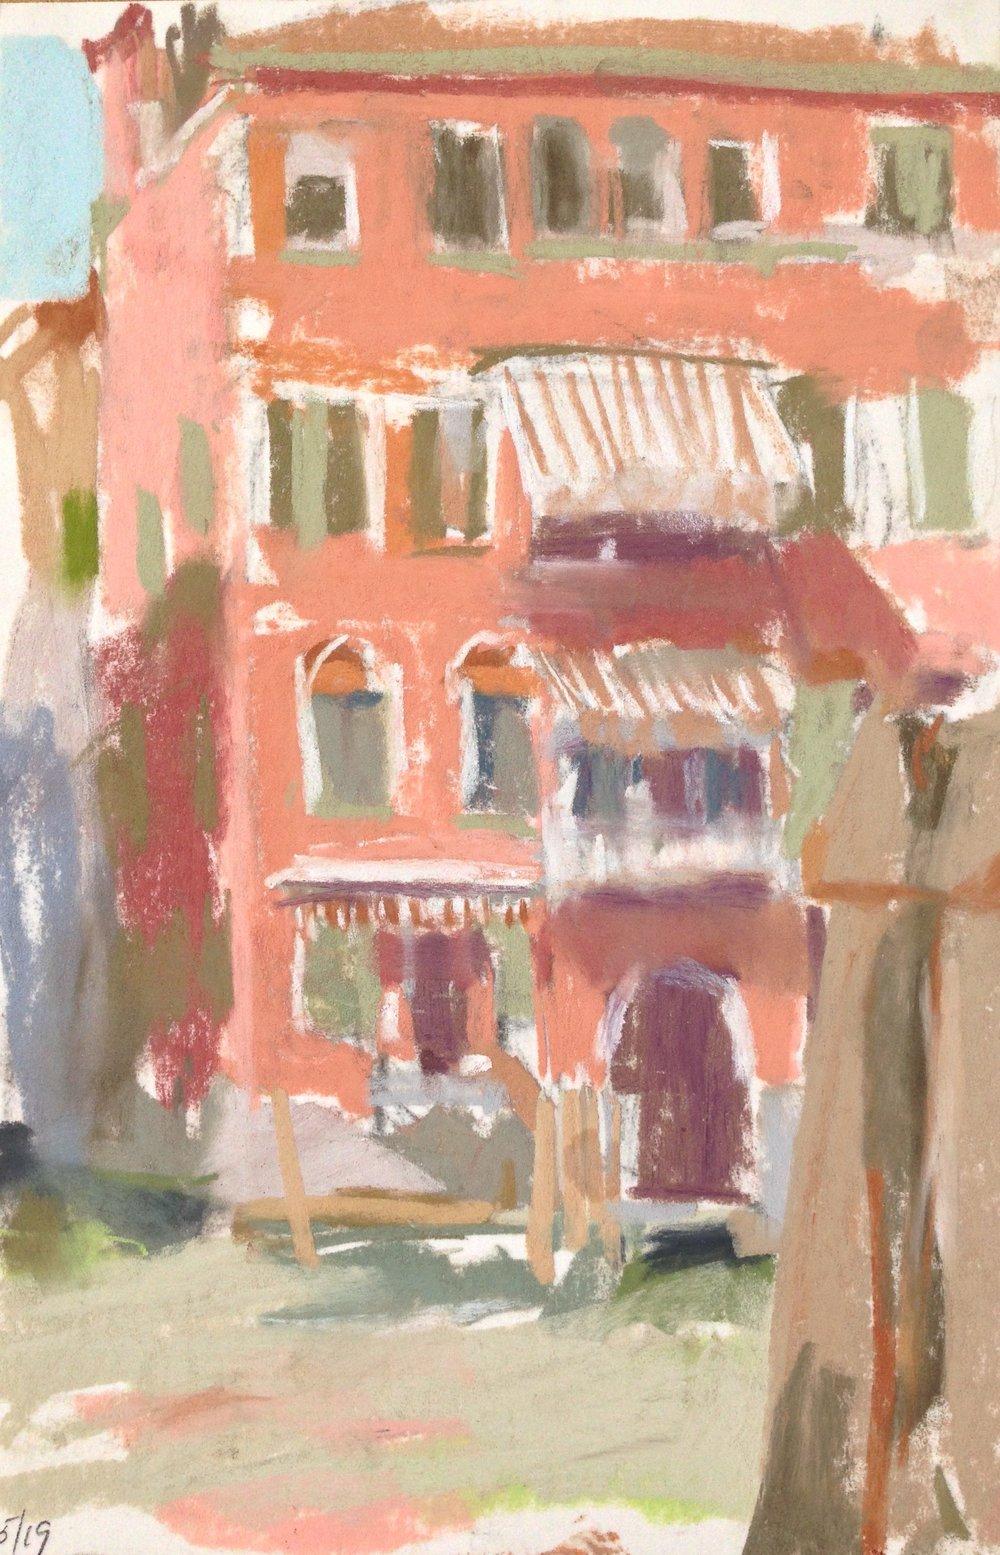 Venice, May 19